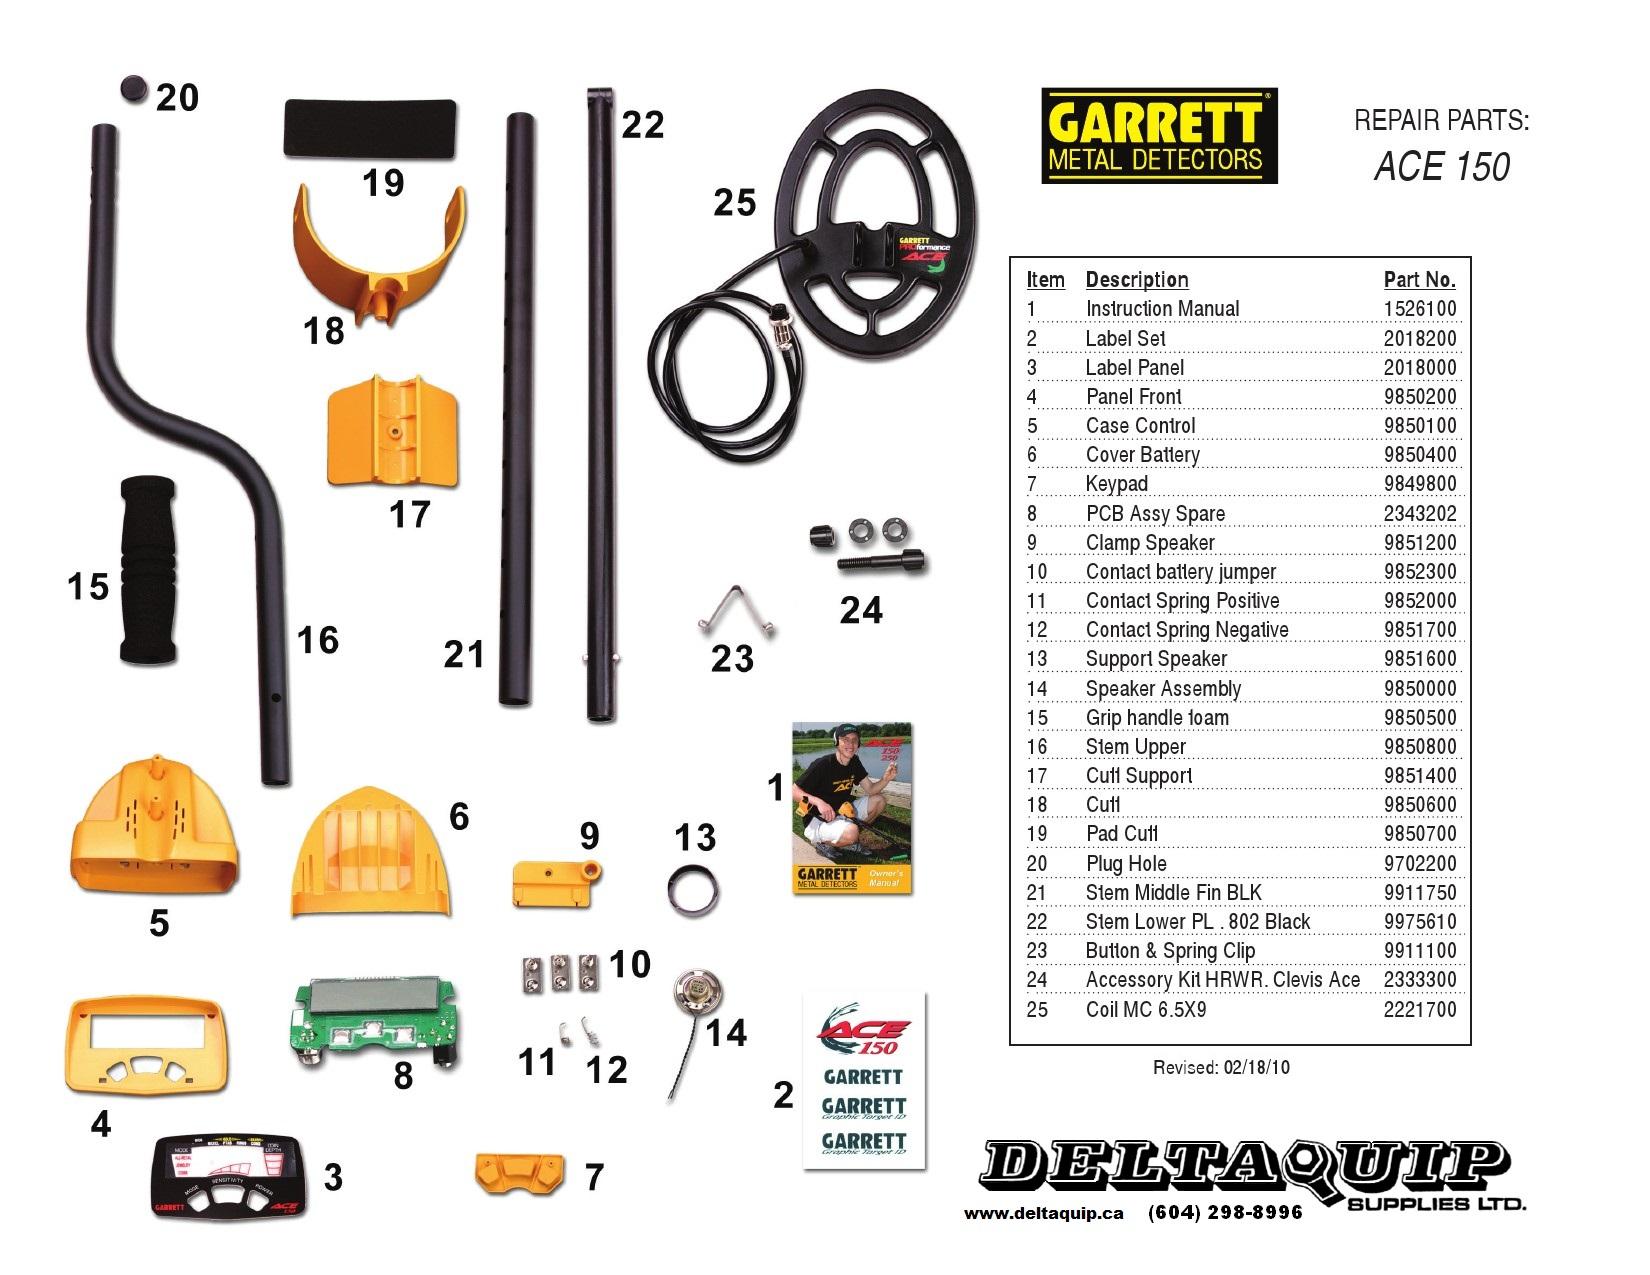 Deltaquip Supplies Ltd Garrett Ace 250 Wiring Diagram 150 350